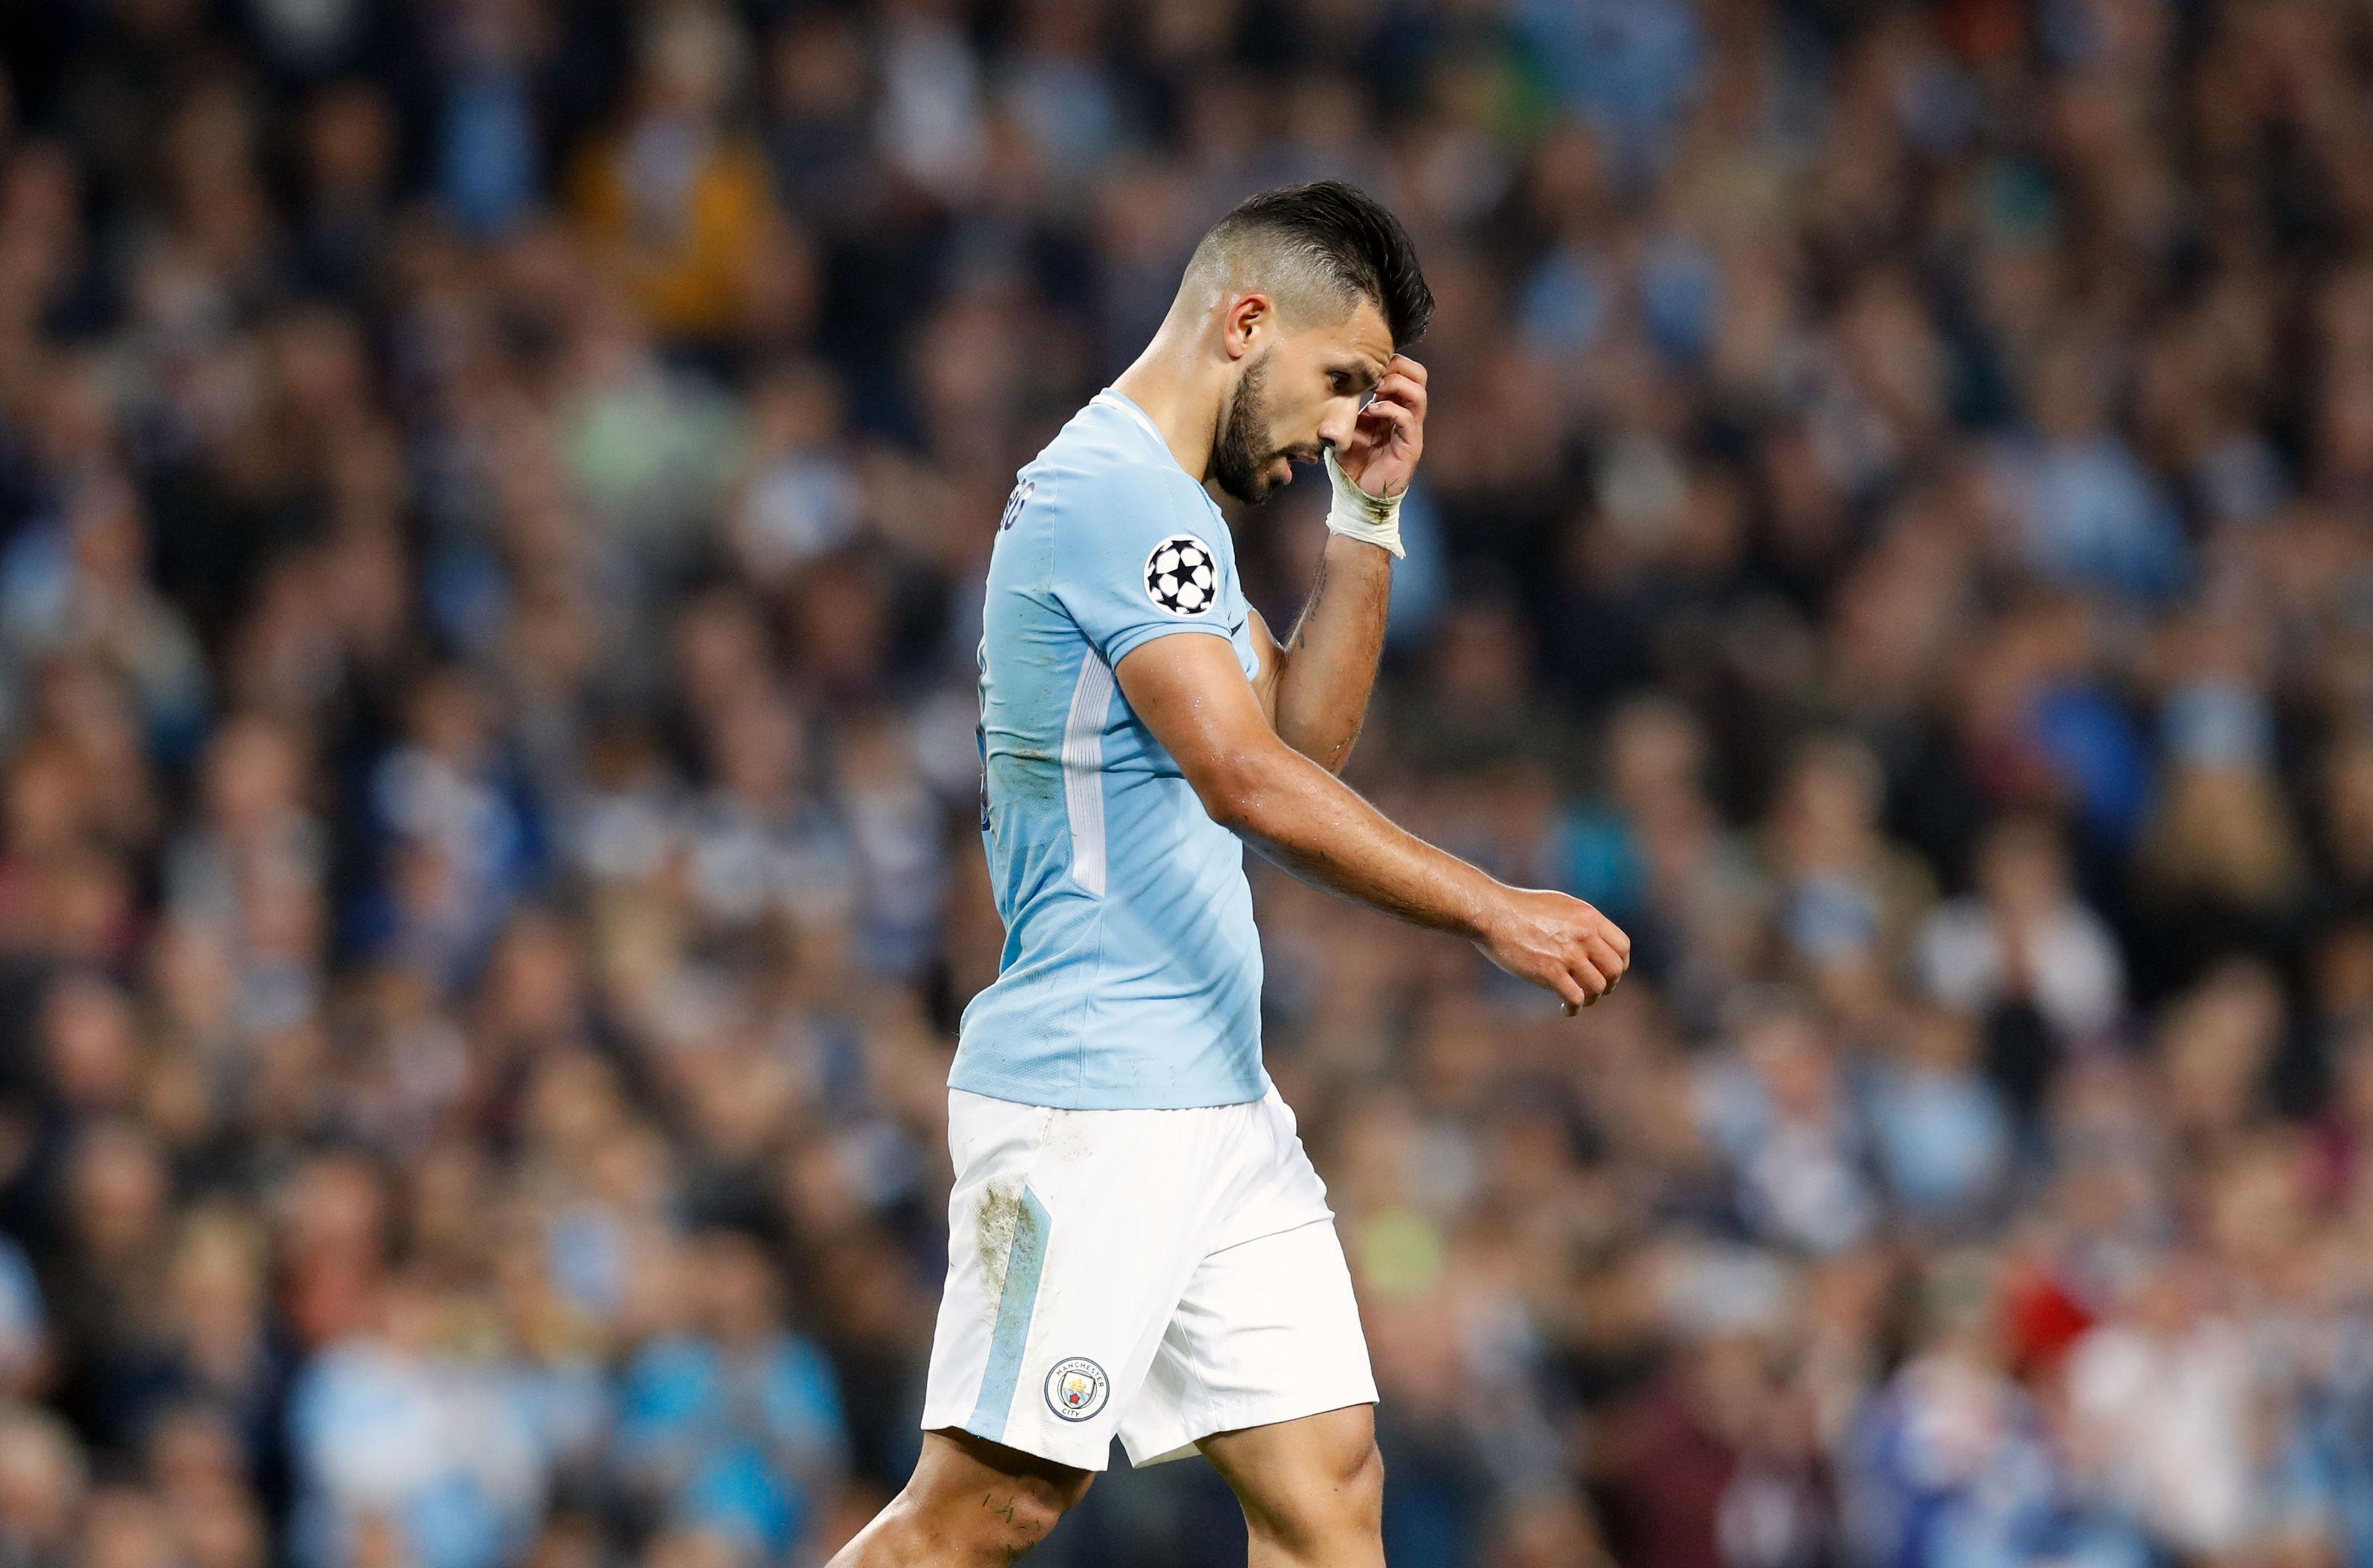 Manchester City's Sergio Aguero (Martin Rickett/PA Wire)